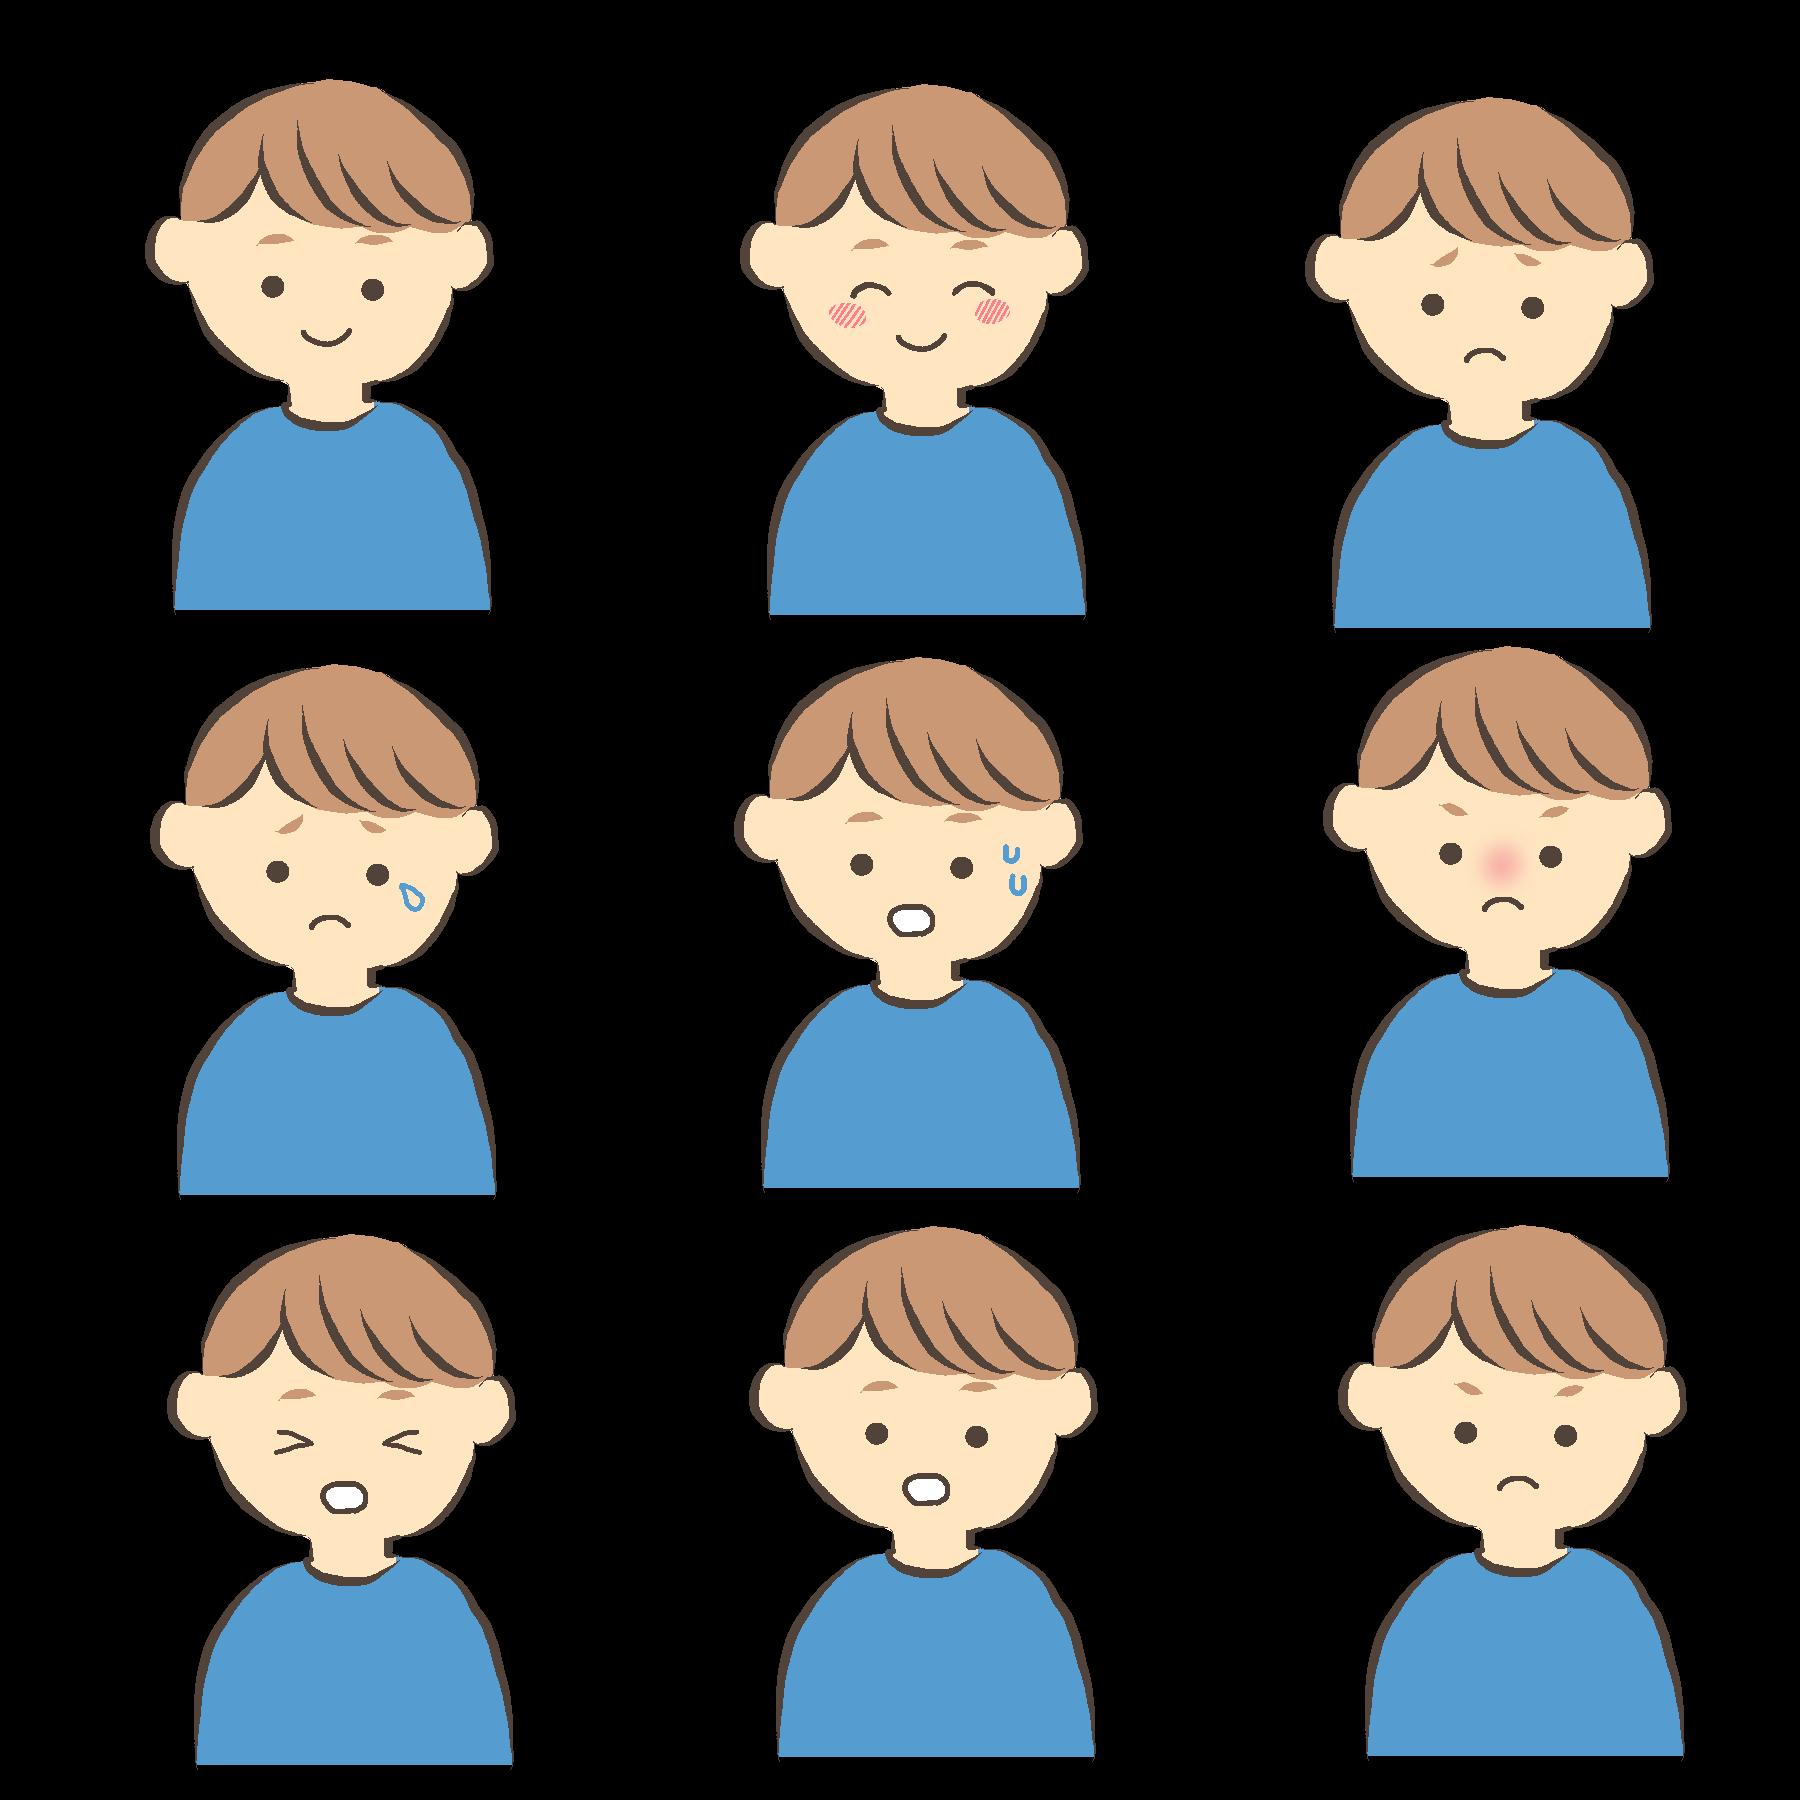 いろいろな表情の男性のイラスト青